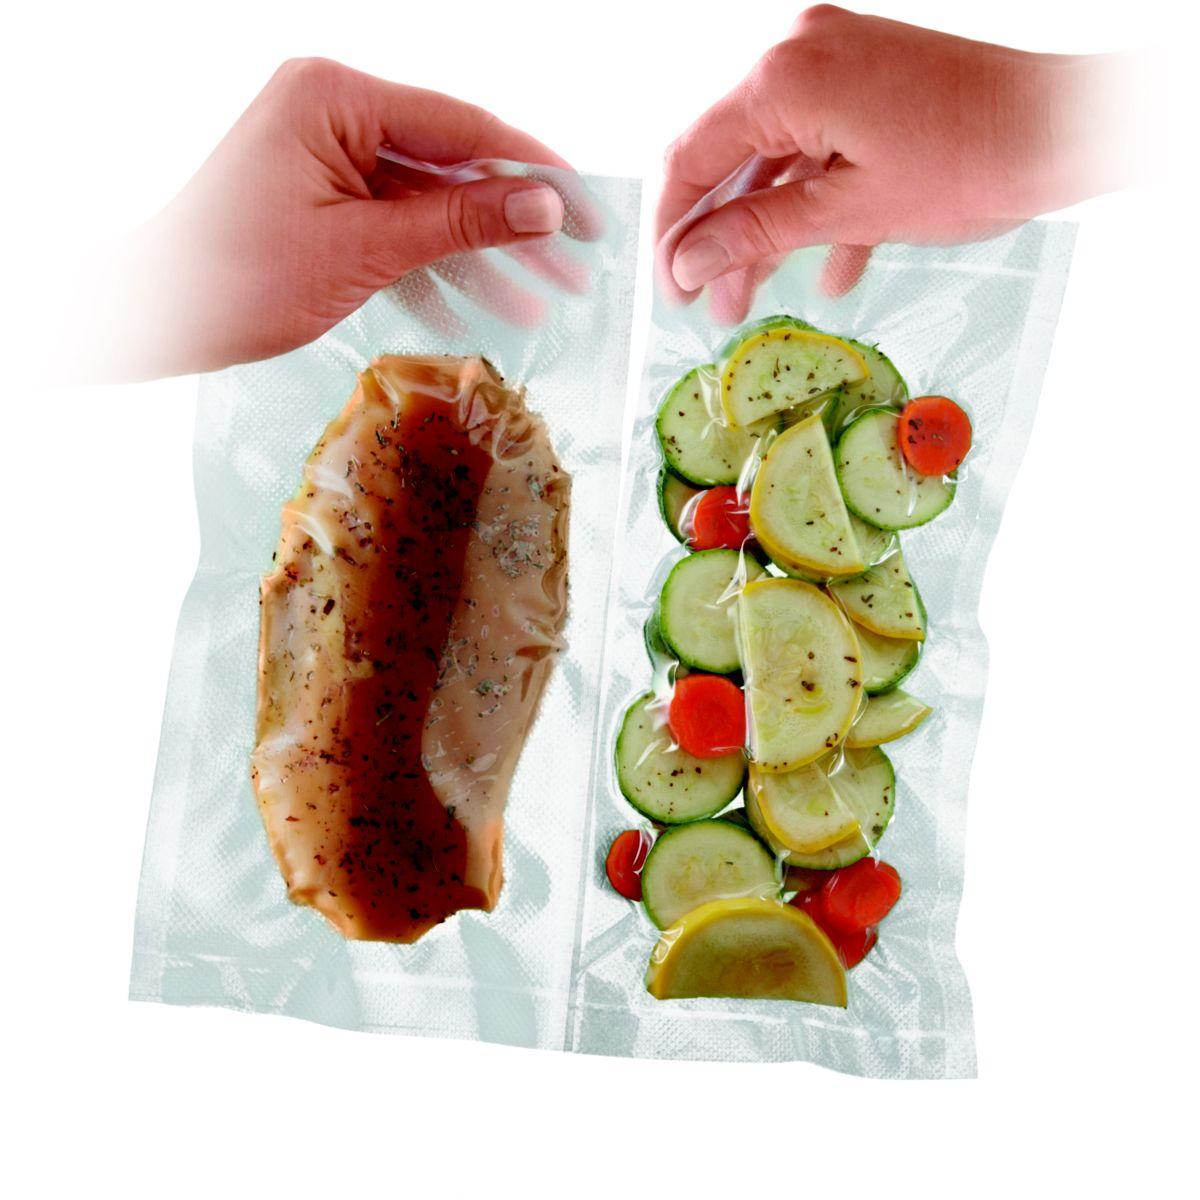 Accessoire food saver rouleaux de sacs p - produit coup de coeur webdistrib.com ! (photo)